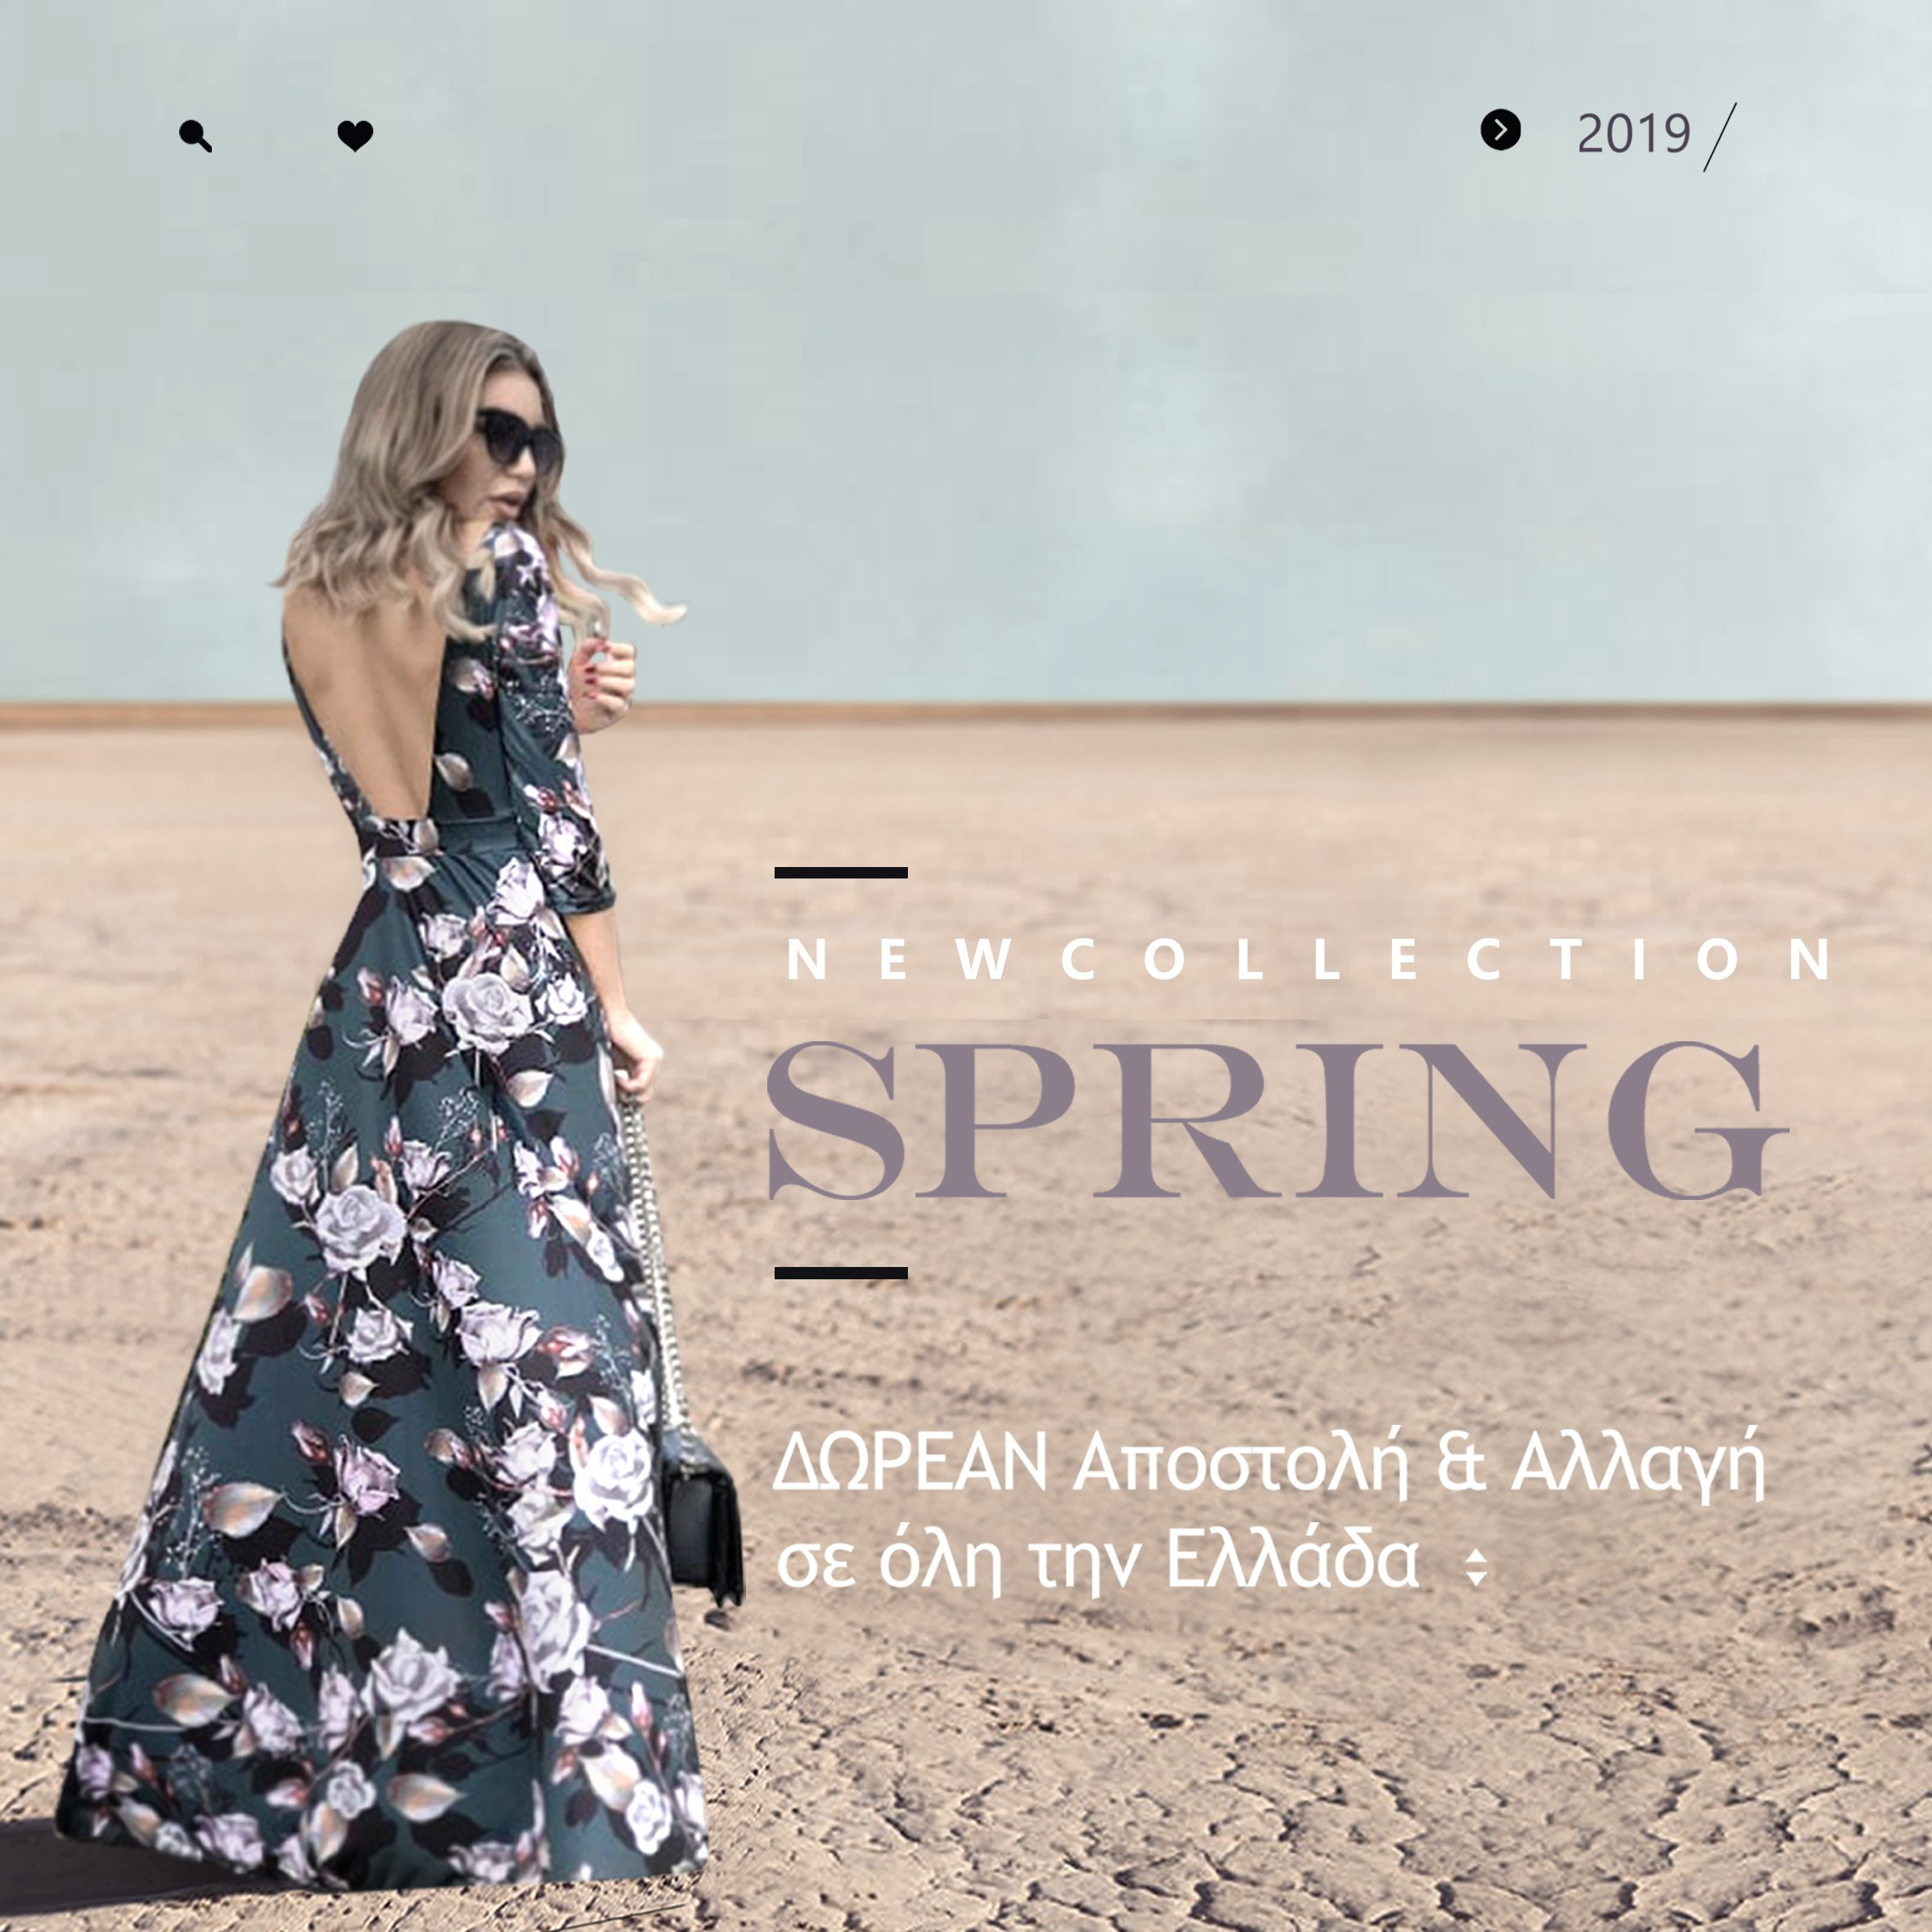 Μοντέρνα γυναικεία ρούχα Online  a0d7dd3fca5